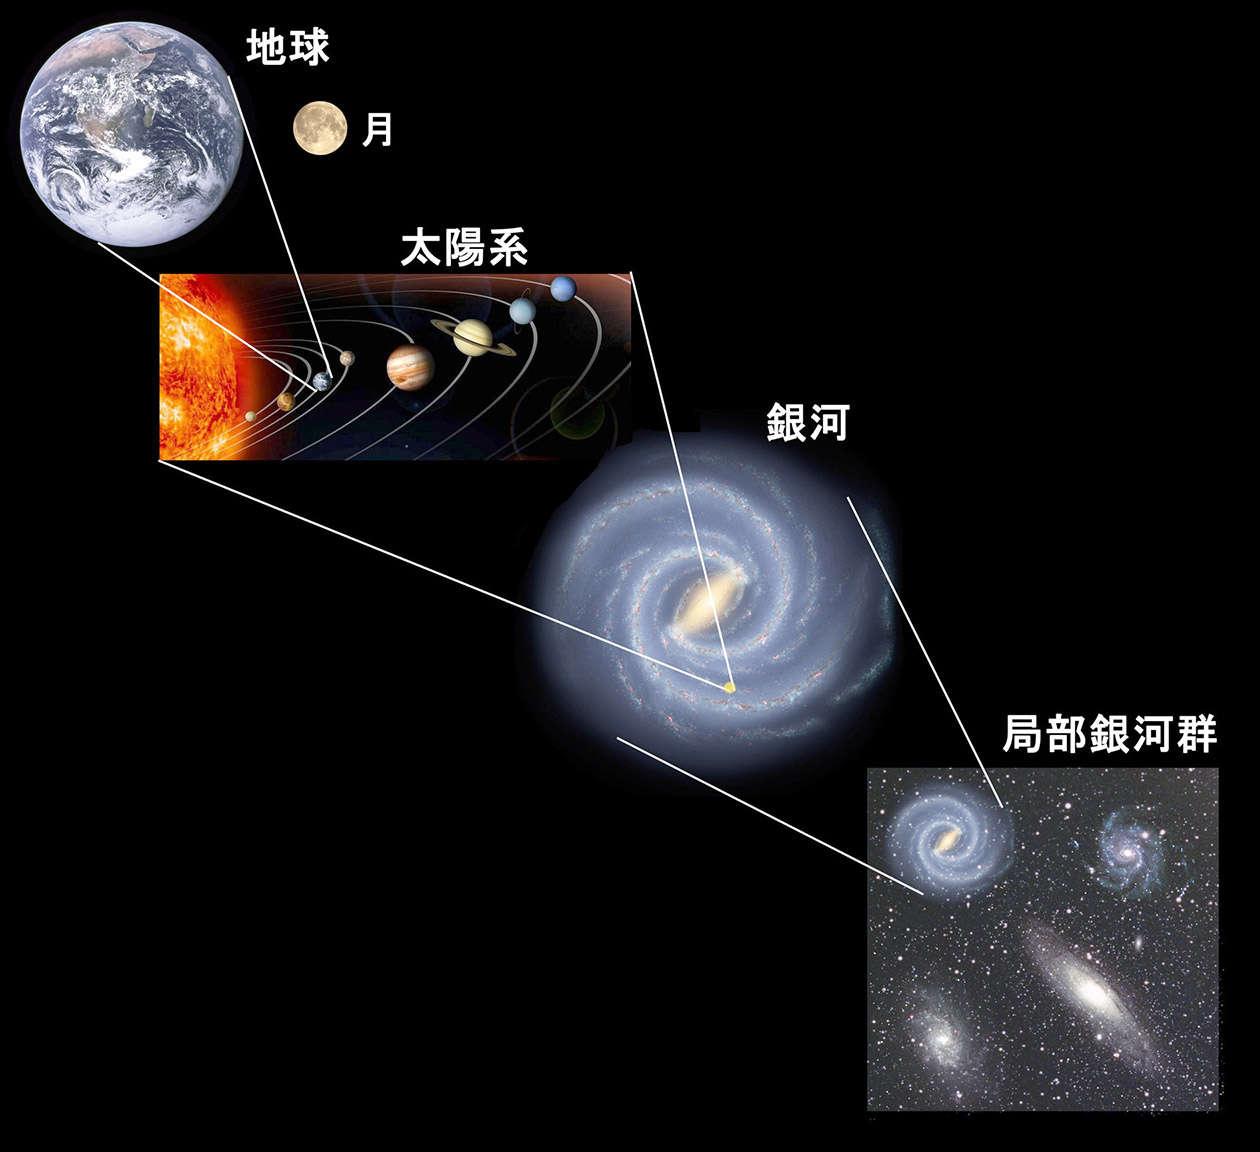 やっぱり夏は天の川3:達人に訊け!:中日新聞Web